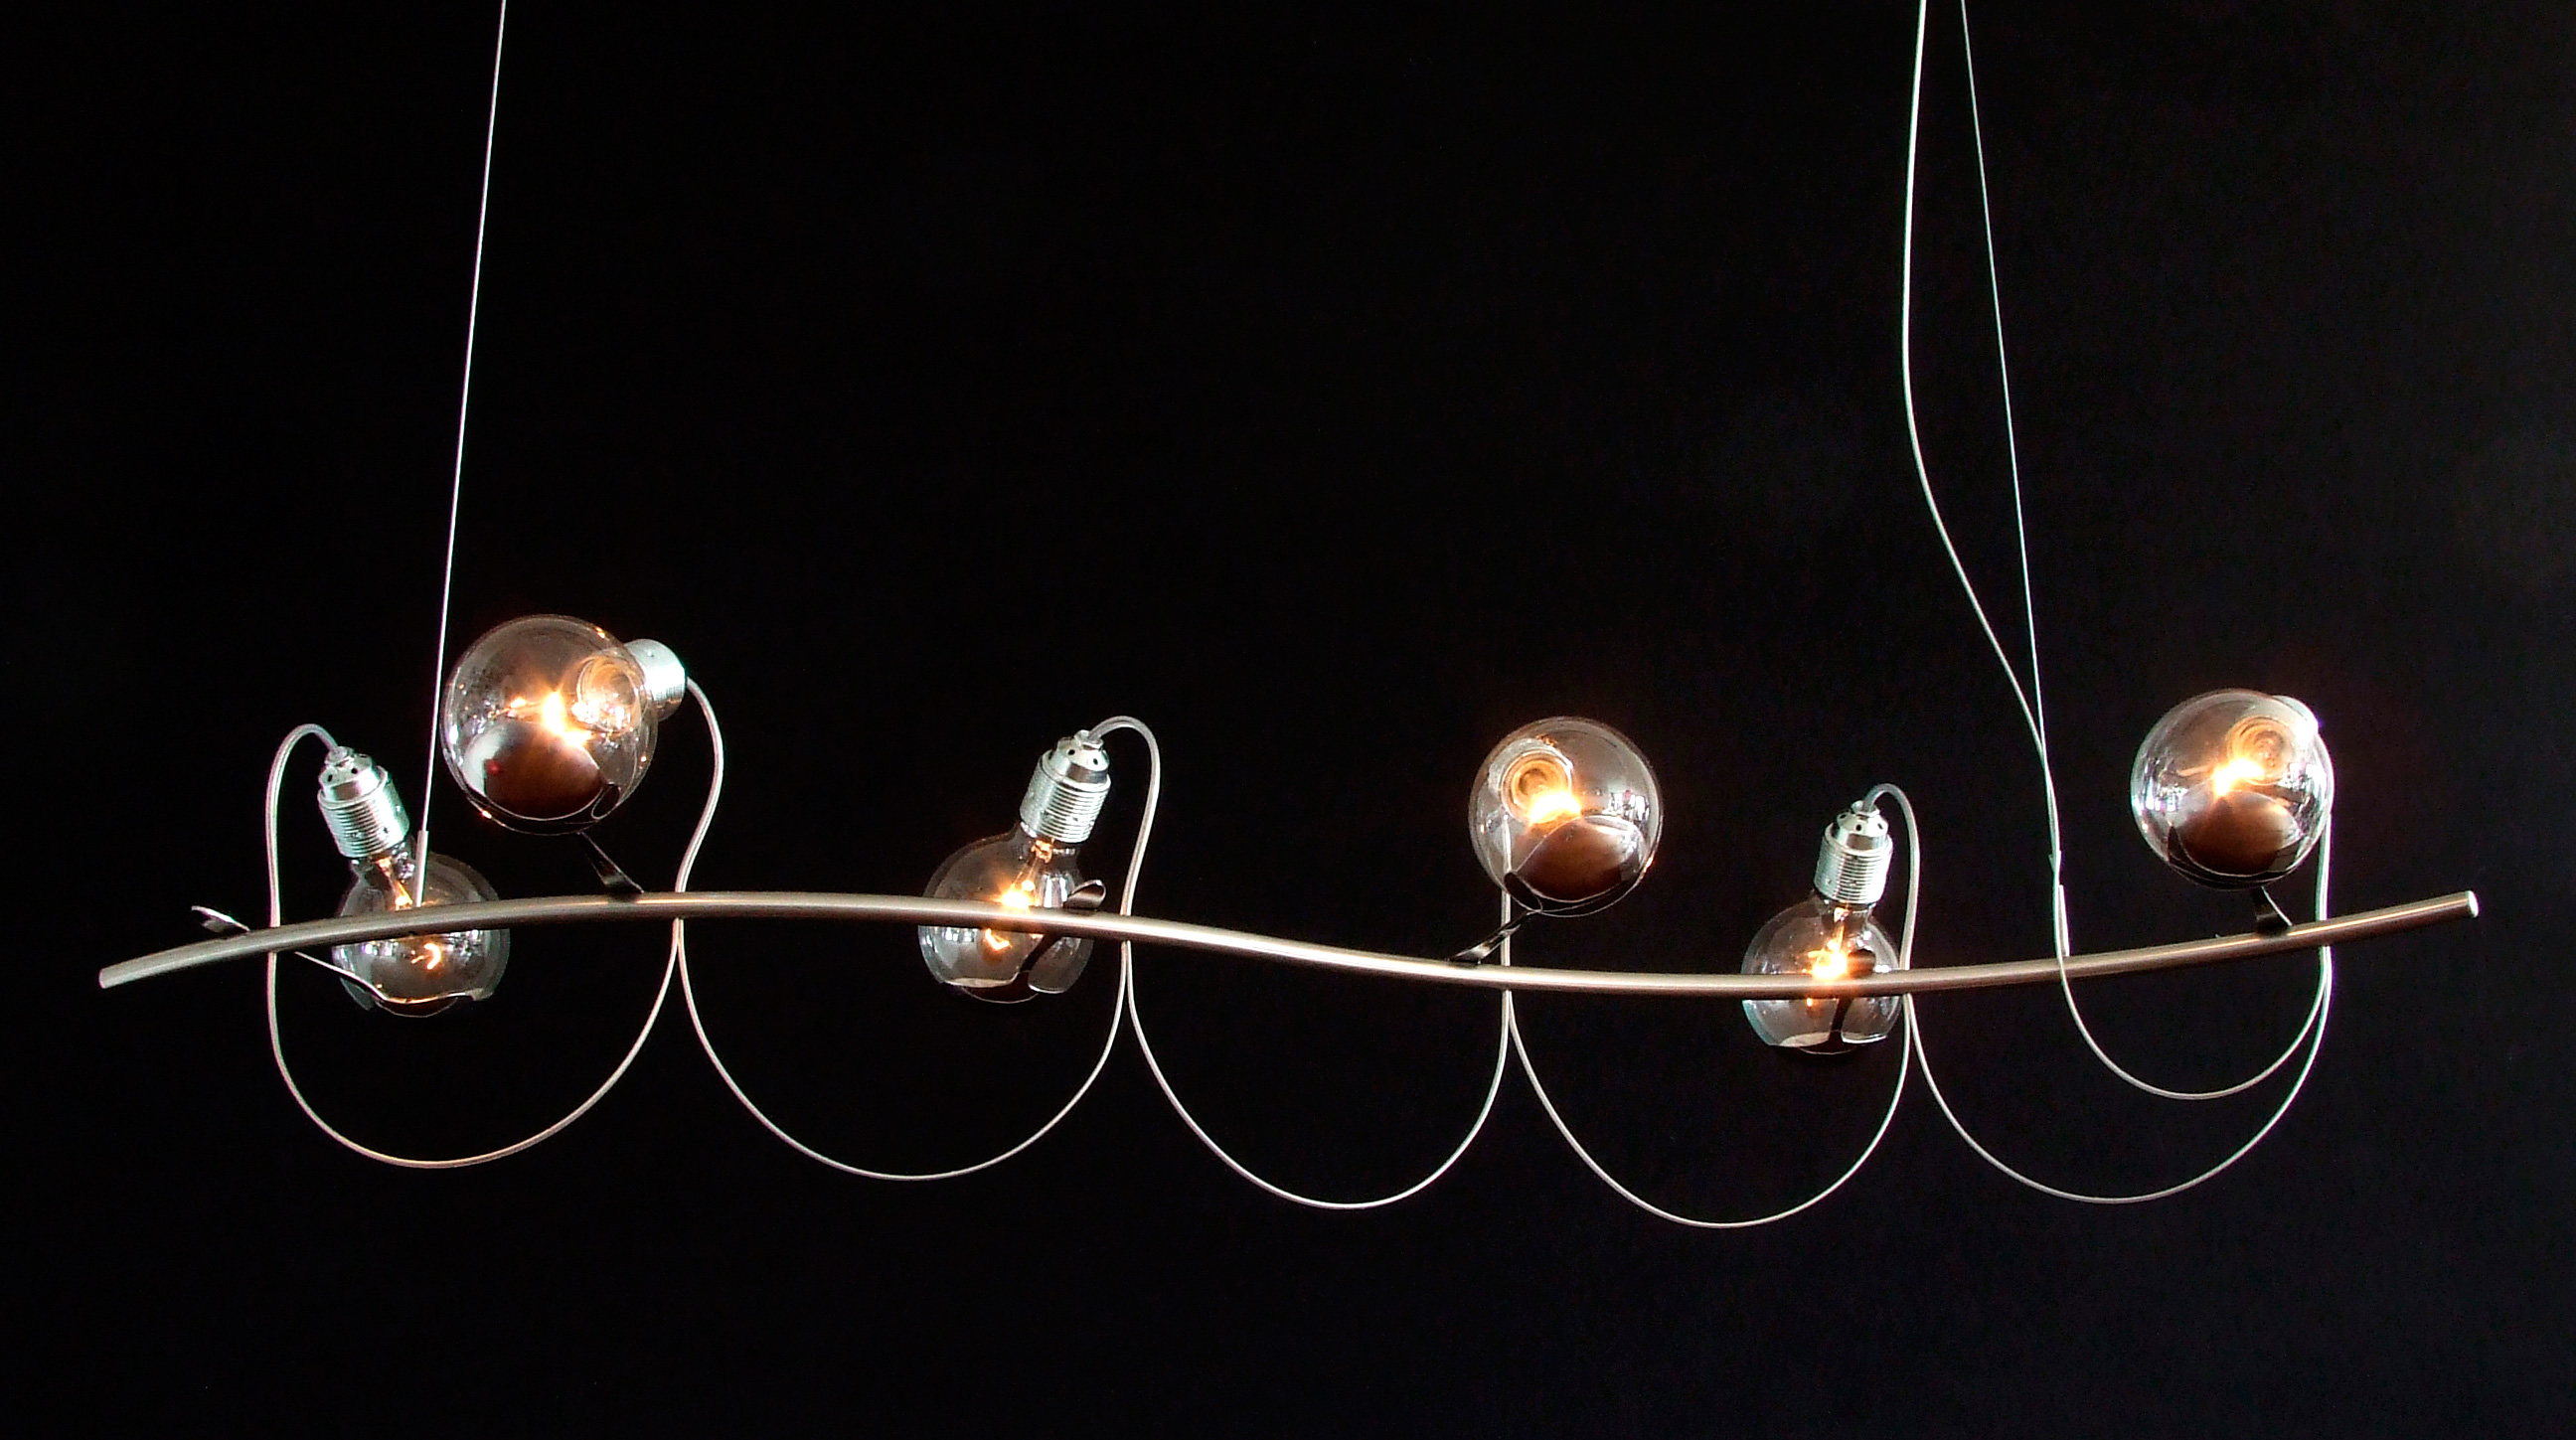 Hanglamp 171 Lichtvaardig